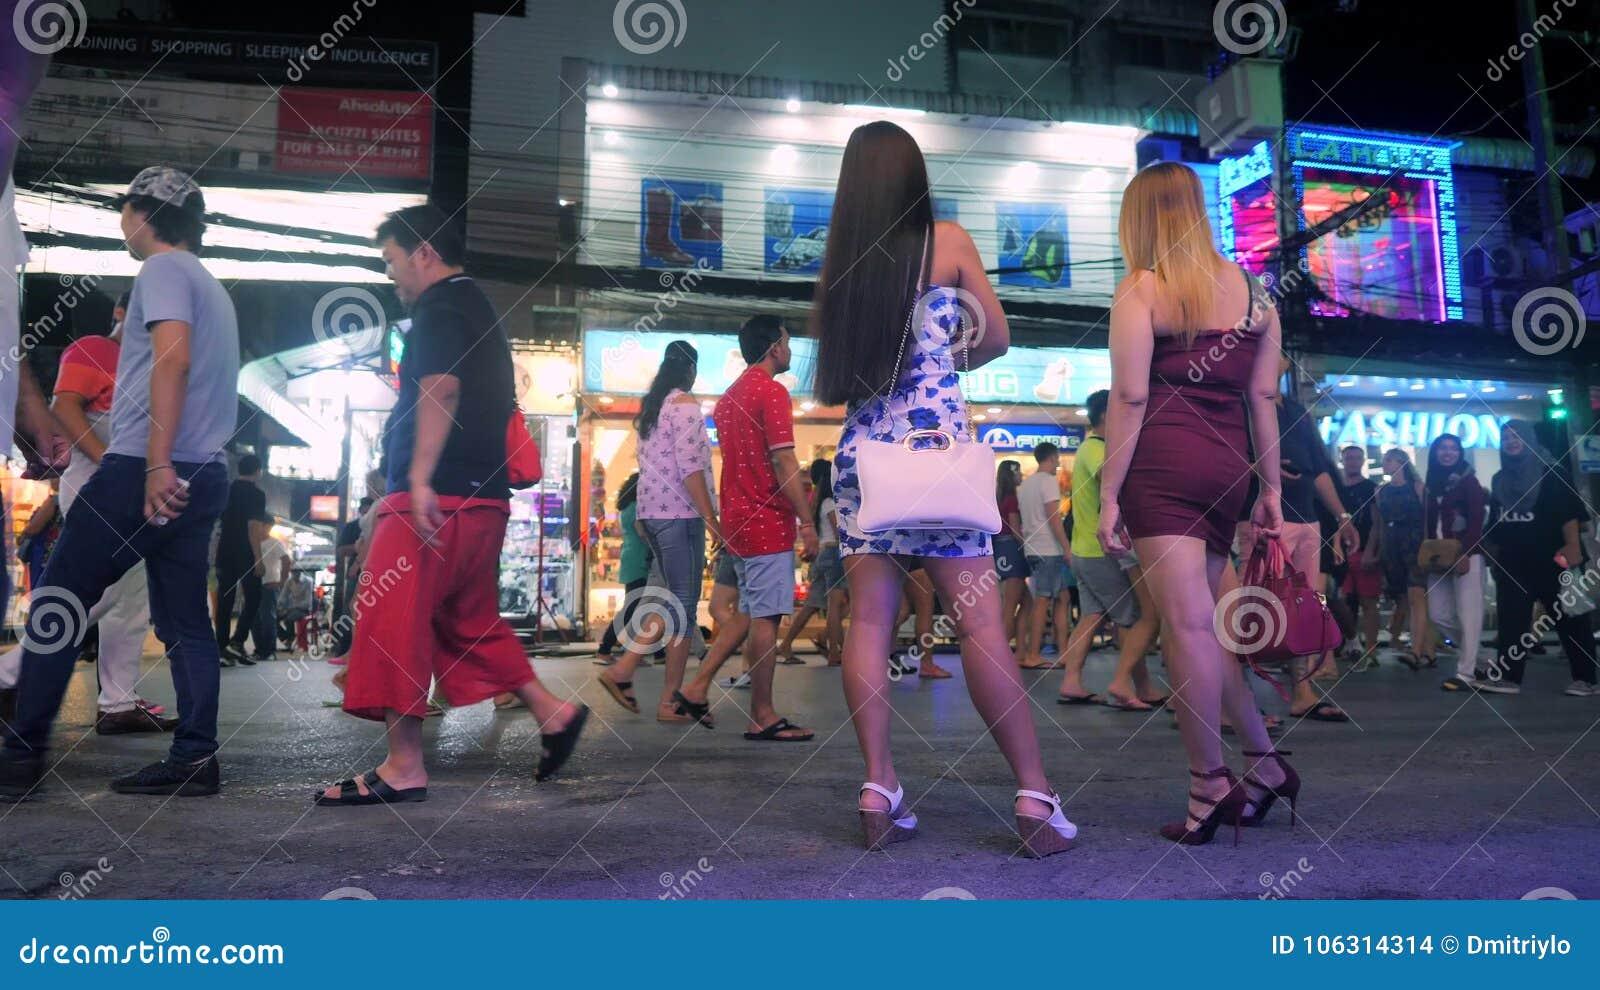 asiatico prostitute sesso